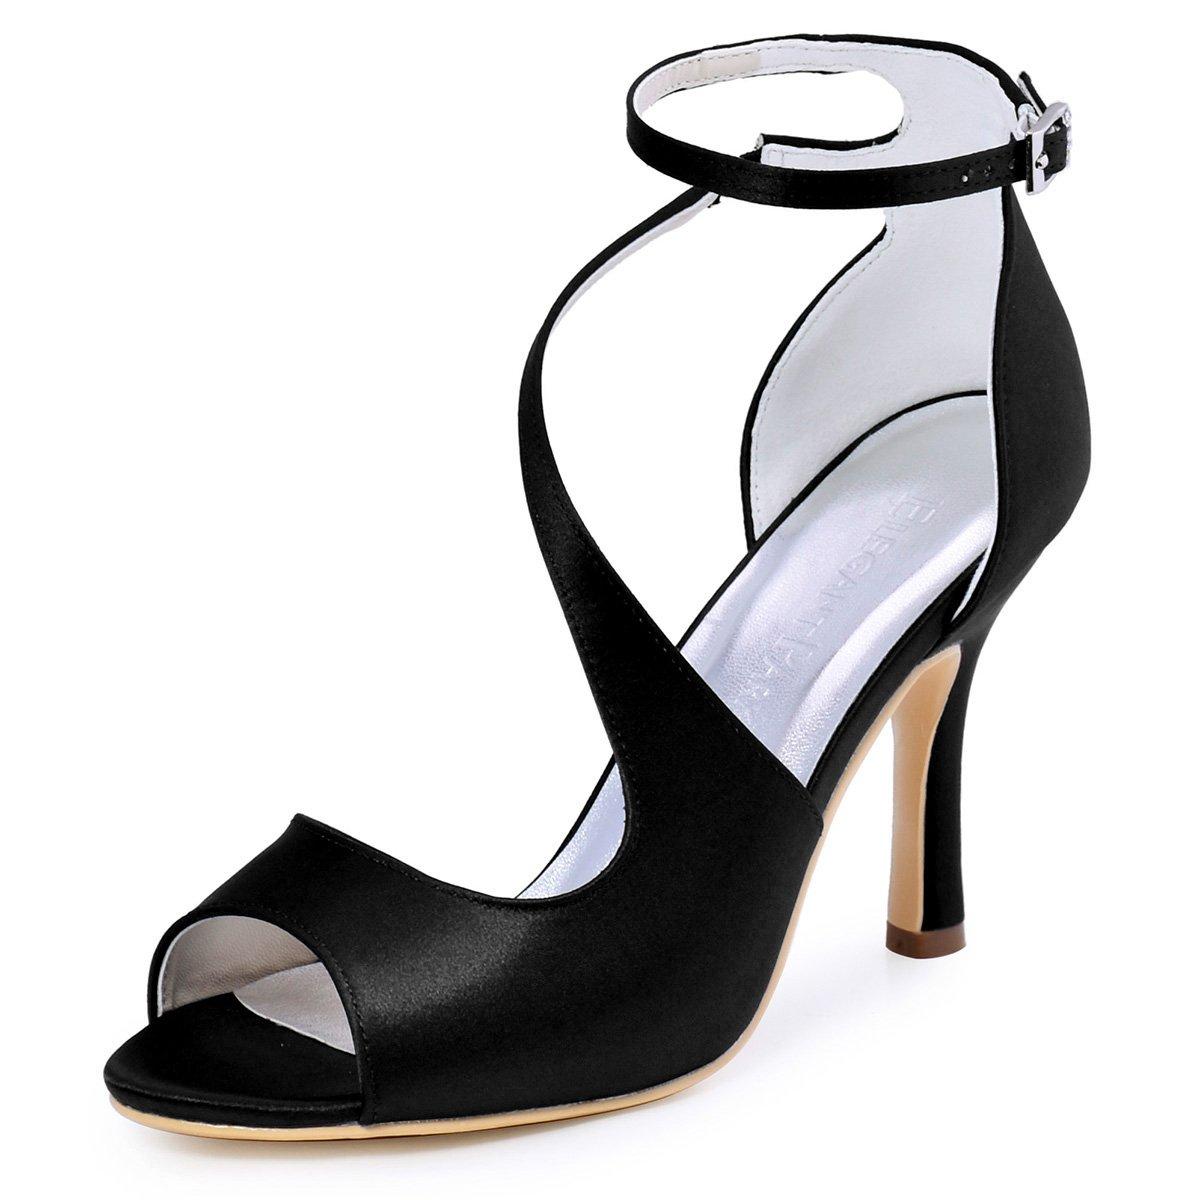 ElegantPark HP1505 Zapatos de tacón Punta abierta Rhinestones raso fiesta zapatos de novia Mujer 37 EU Negro